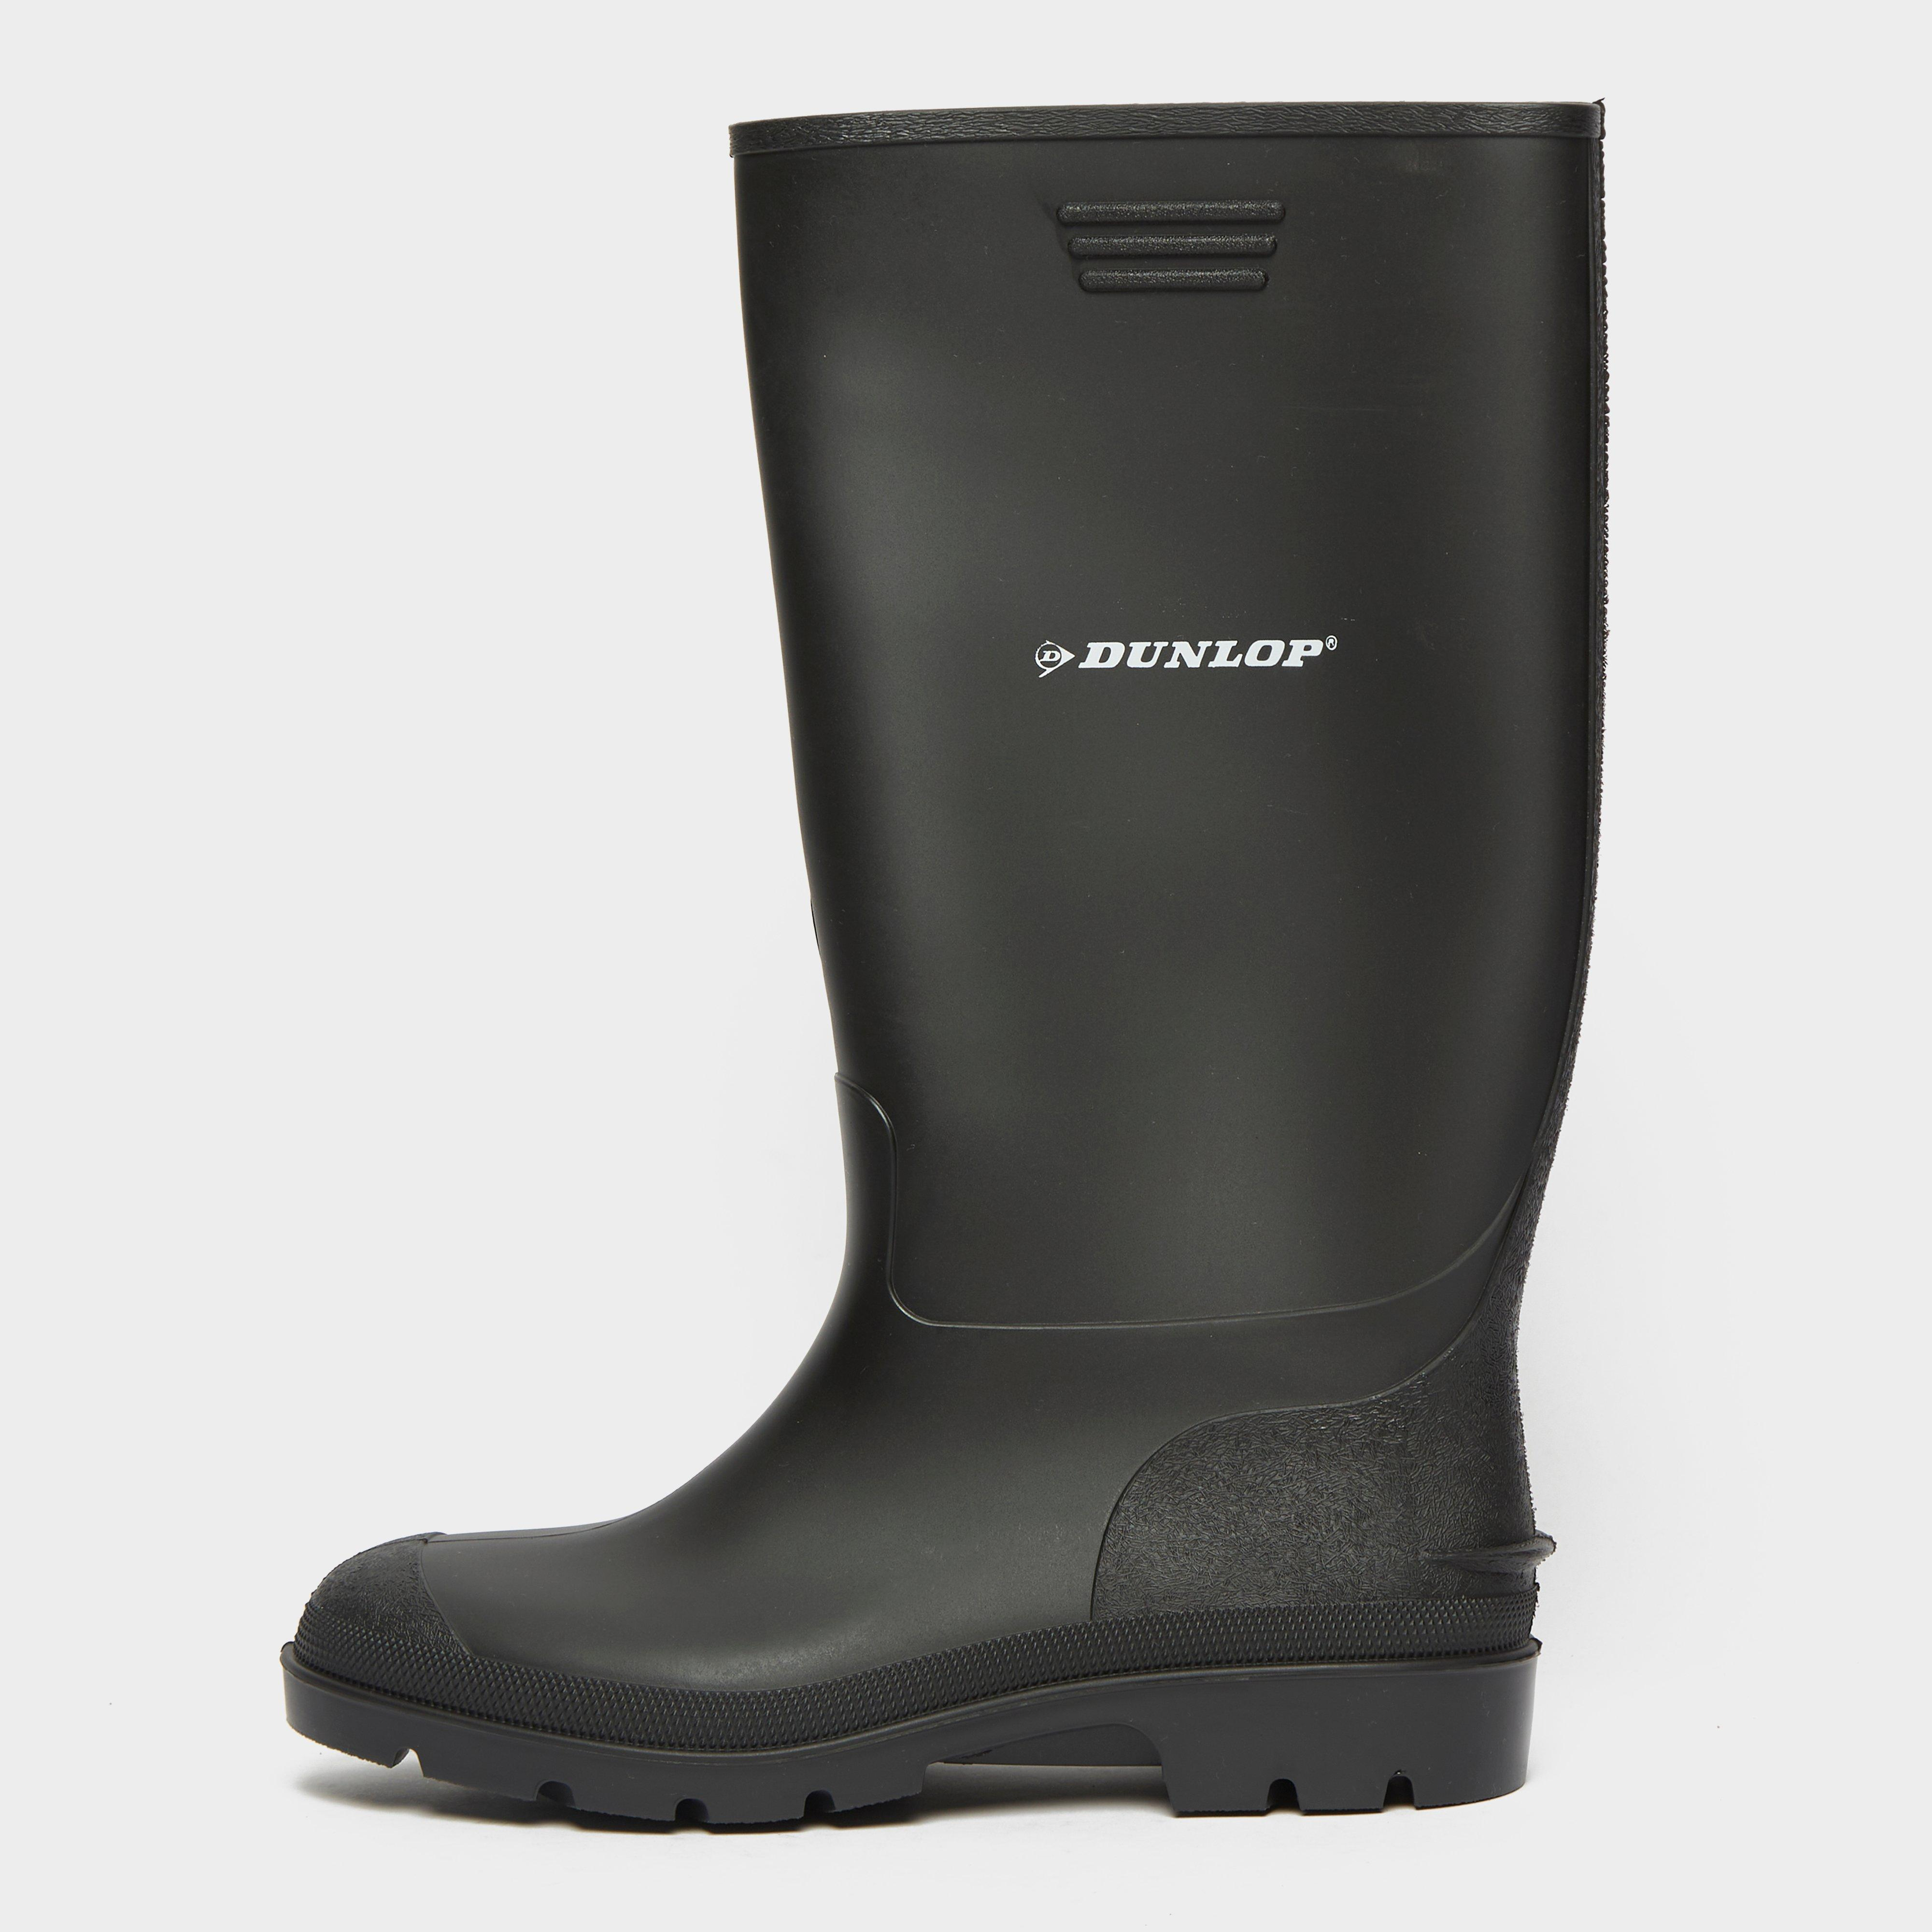 Dunlop Dunlop Pricemaster Wellington Boots